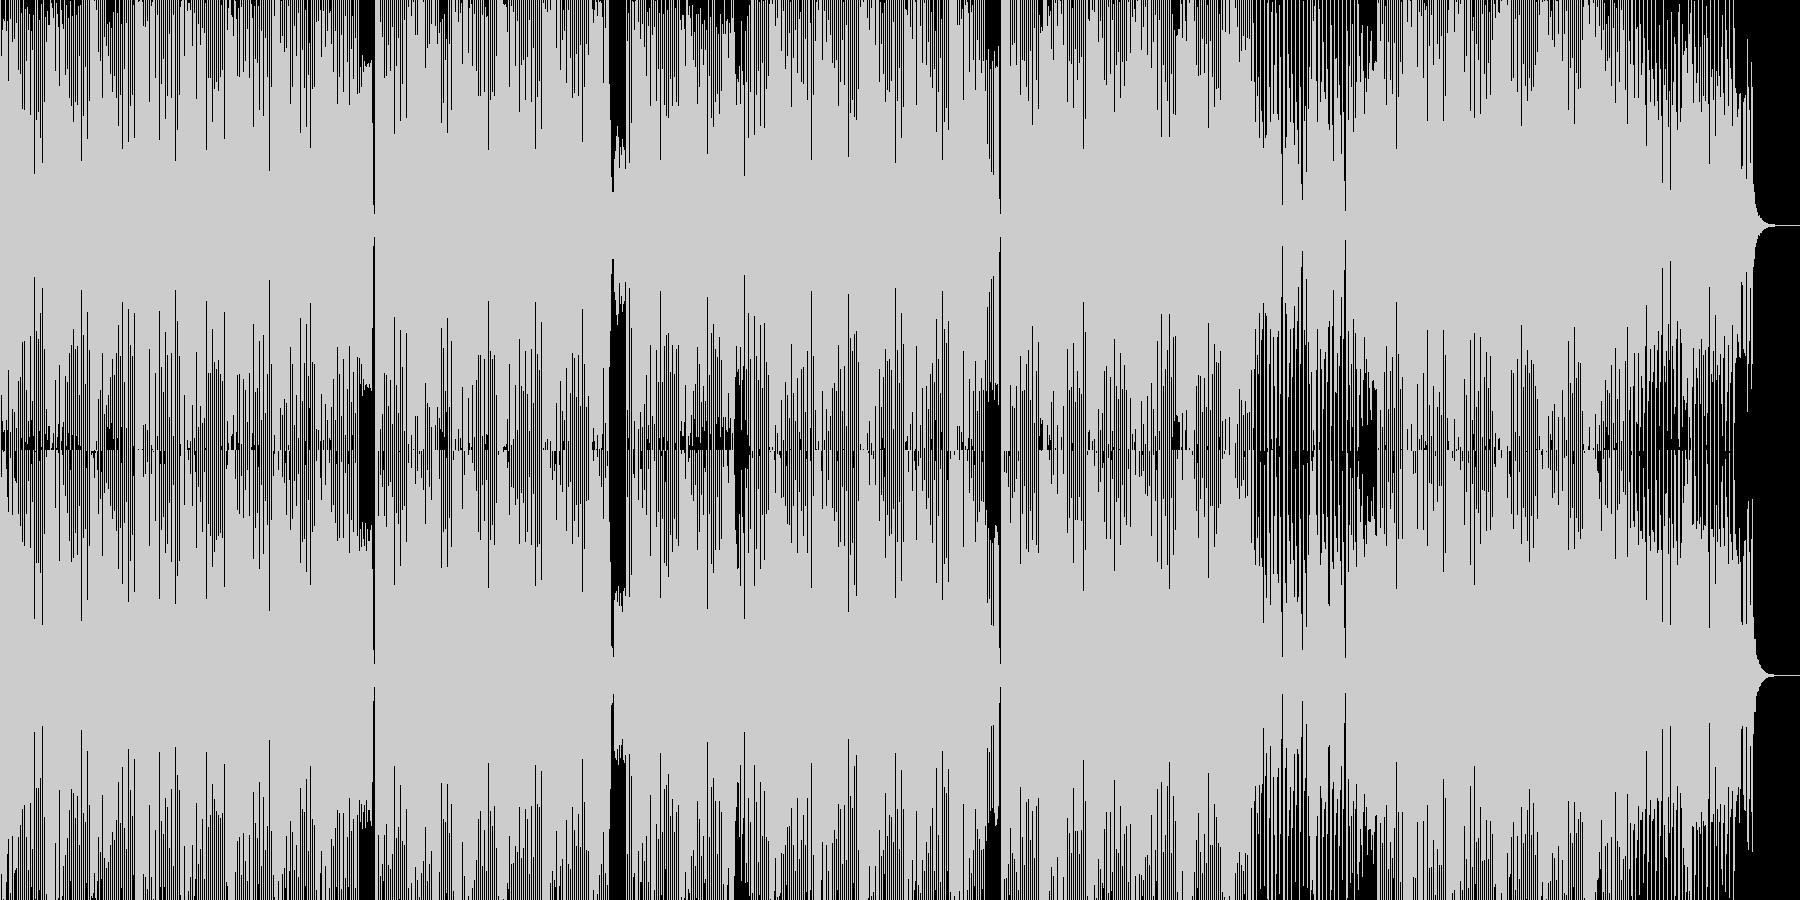 ゲーム/ランウェイ/コミカルなBGMの未再生の波形